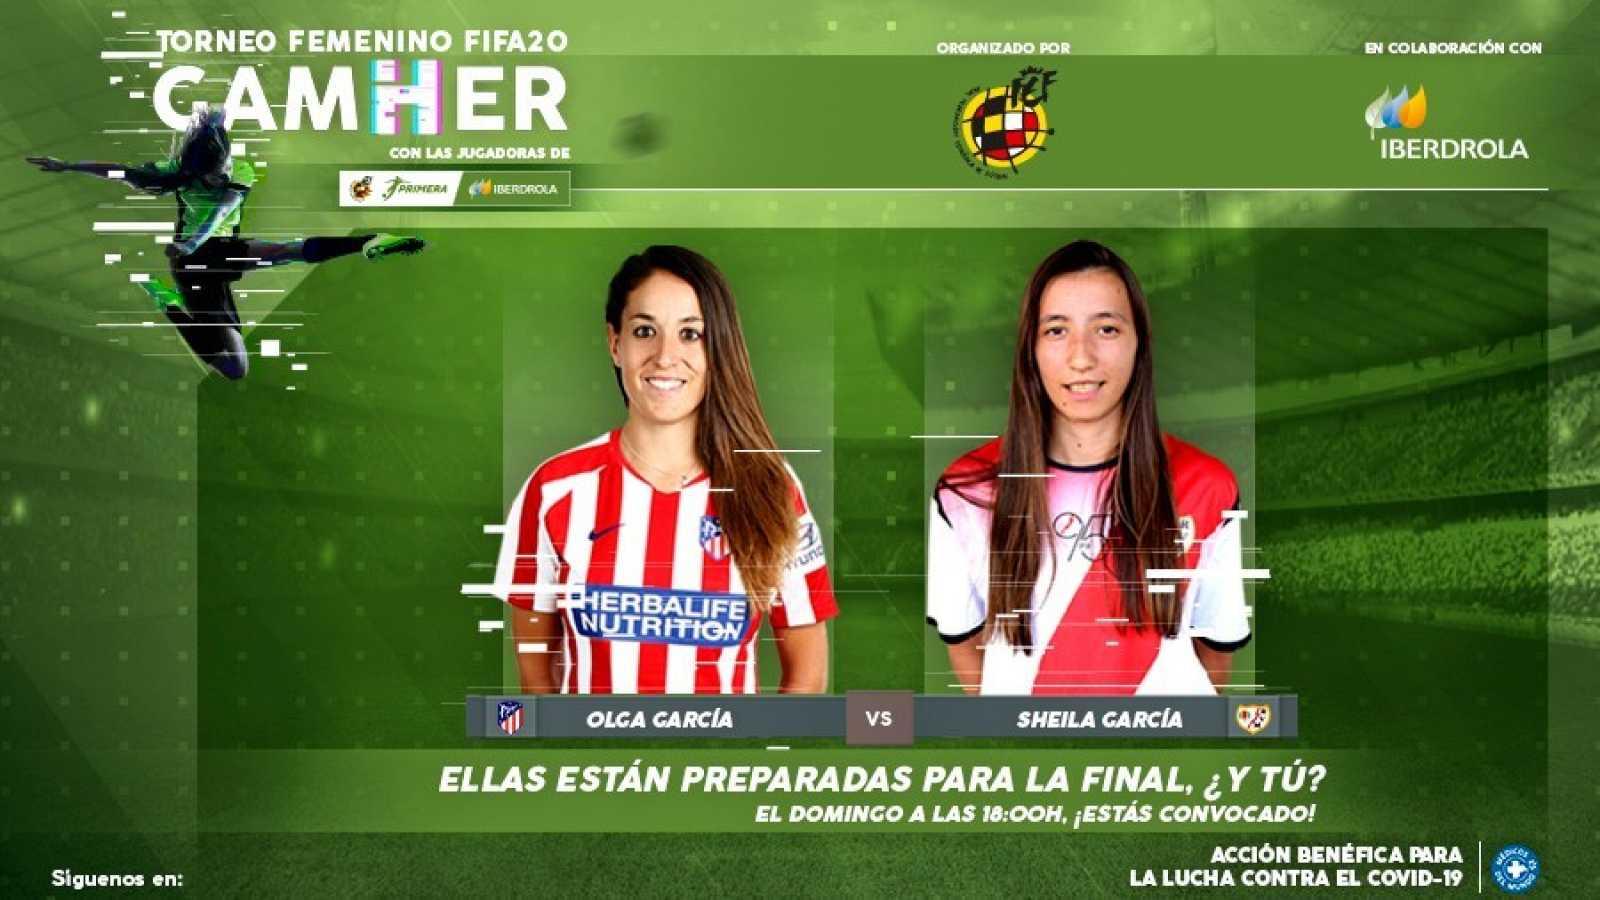 Imagen promocional de la final del torneo GamHer que enfrentará a Olga García, jugadora del Atlético de Madrid y a Sheila García, jugadora del Rayo Vallecano